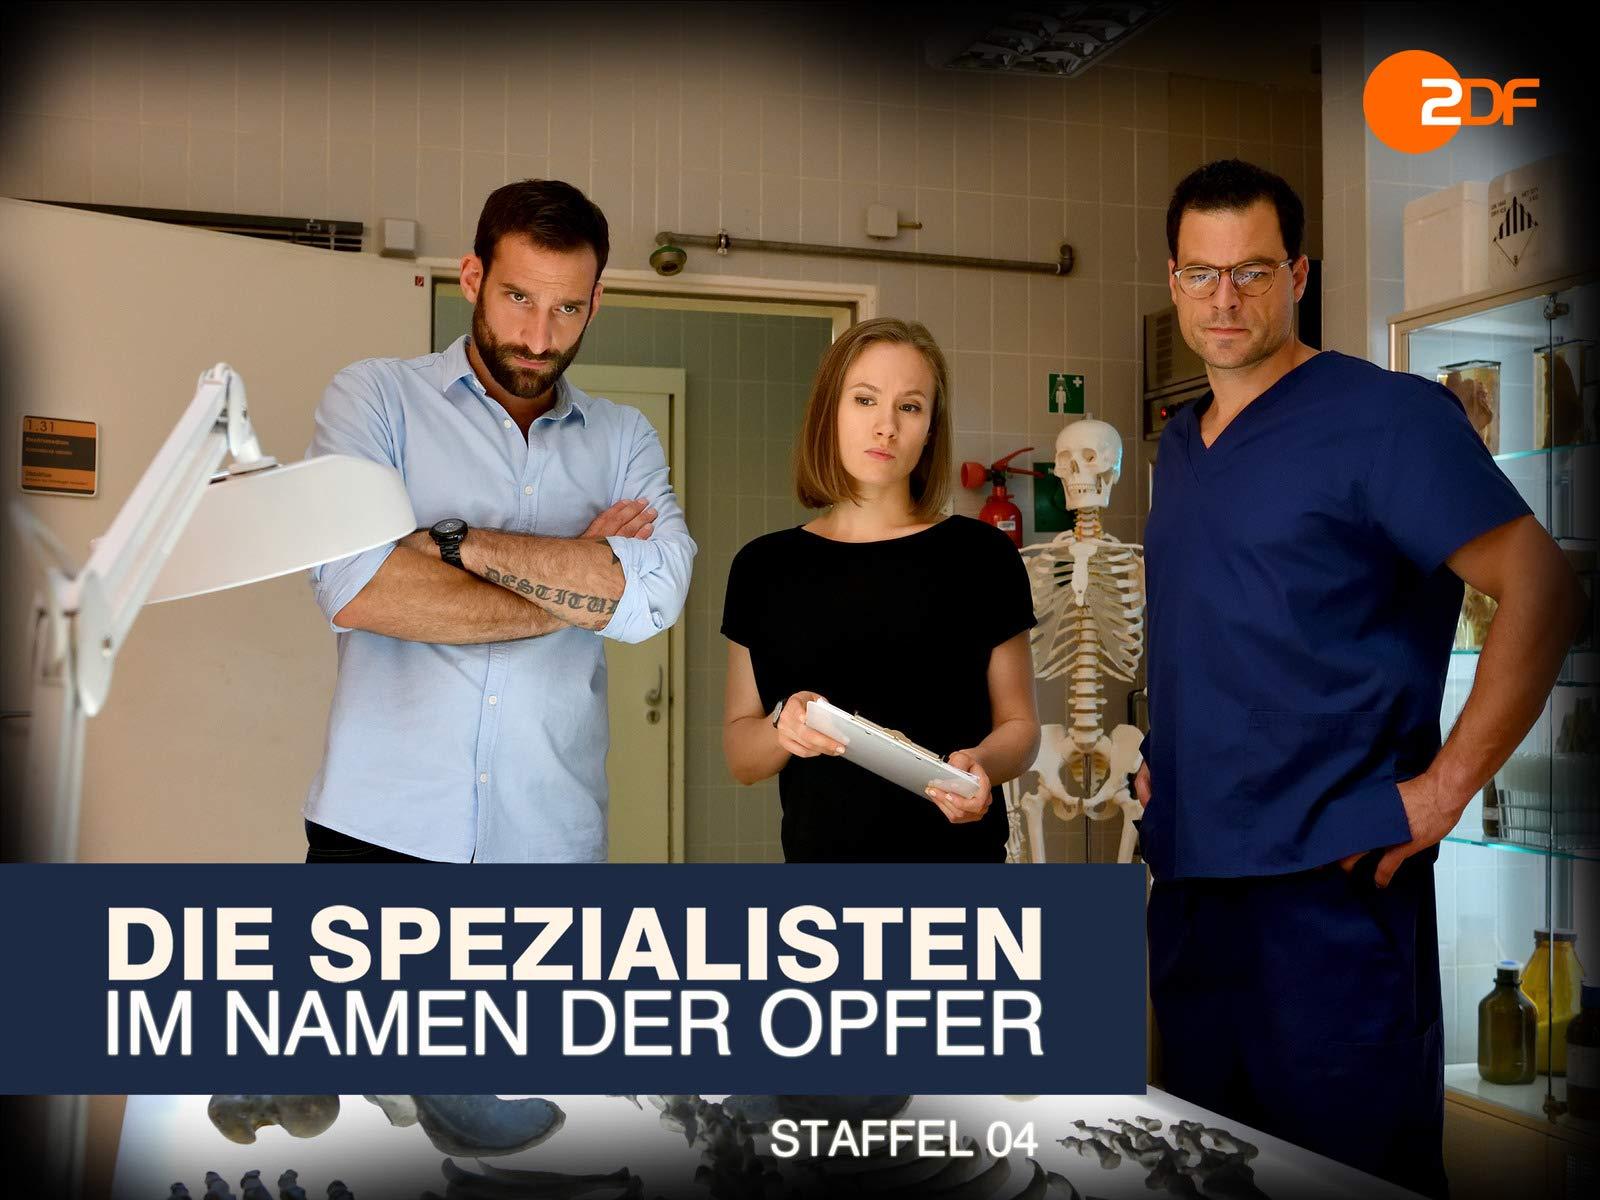 Die Spezialisten Staffel 4